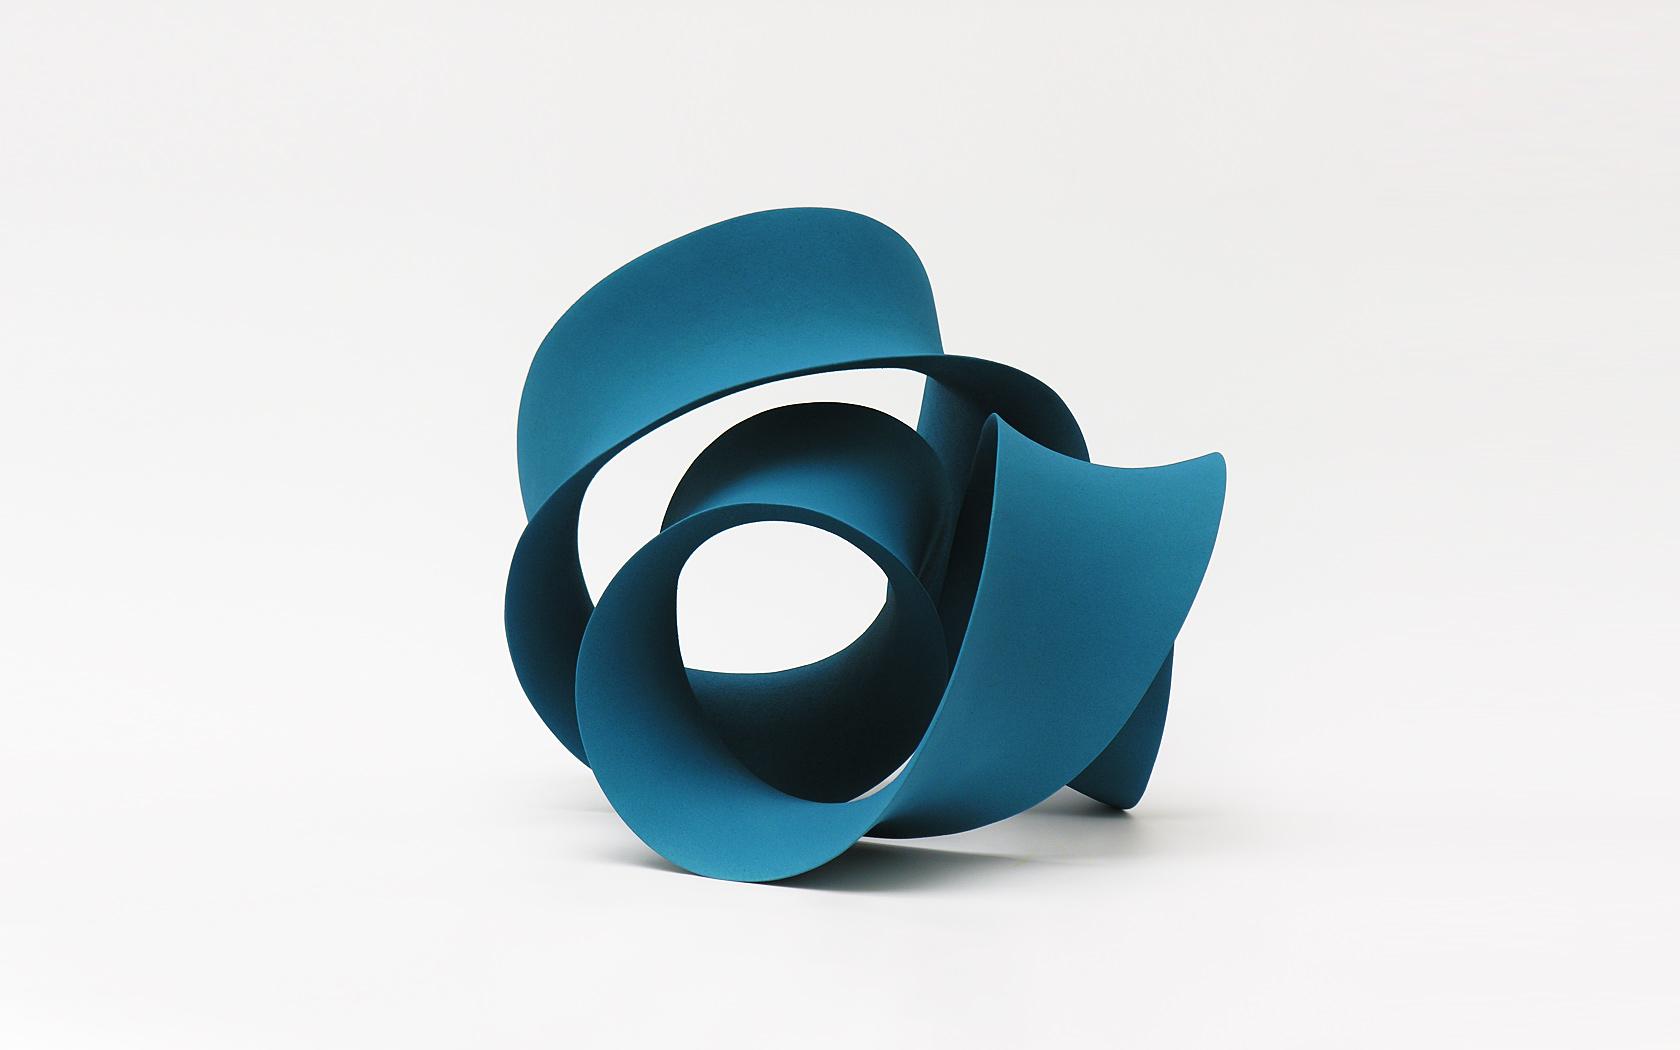 Turquoise loop, ceramics; 50x50x40 cm